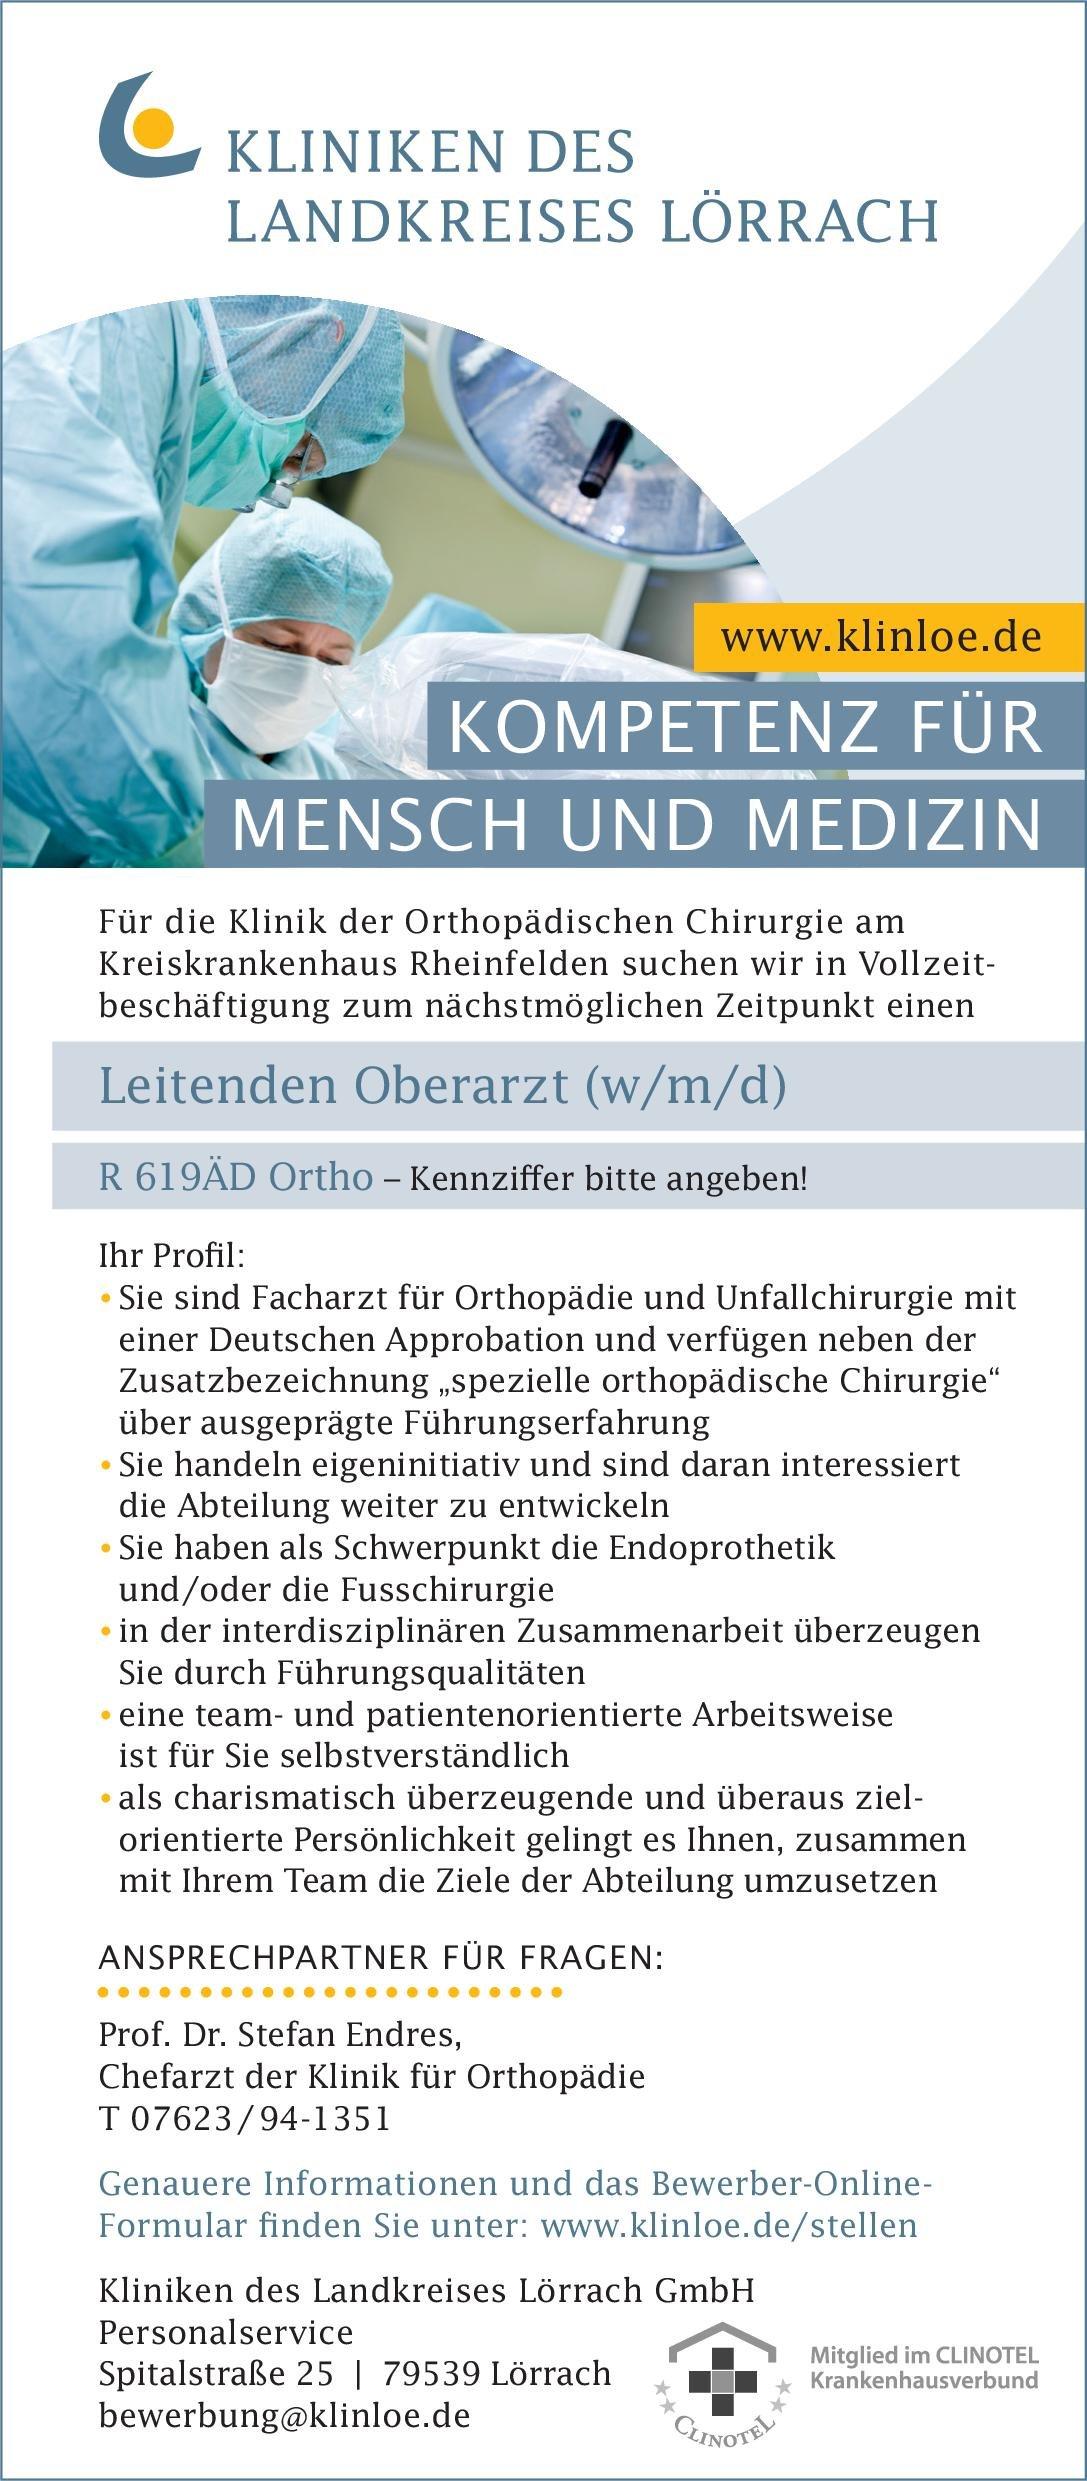 Kliniken des Landkreises Lörrach GmbH - Kreiskrankenhaus Rheinfelden Leitender Oberarzt (w/m/d) für die Klinik der Orthopädischen Chirurgie  Orthopädie und Unfallchirurgie, Chirurgie Oberarzt